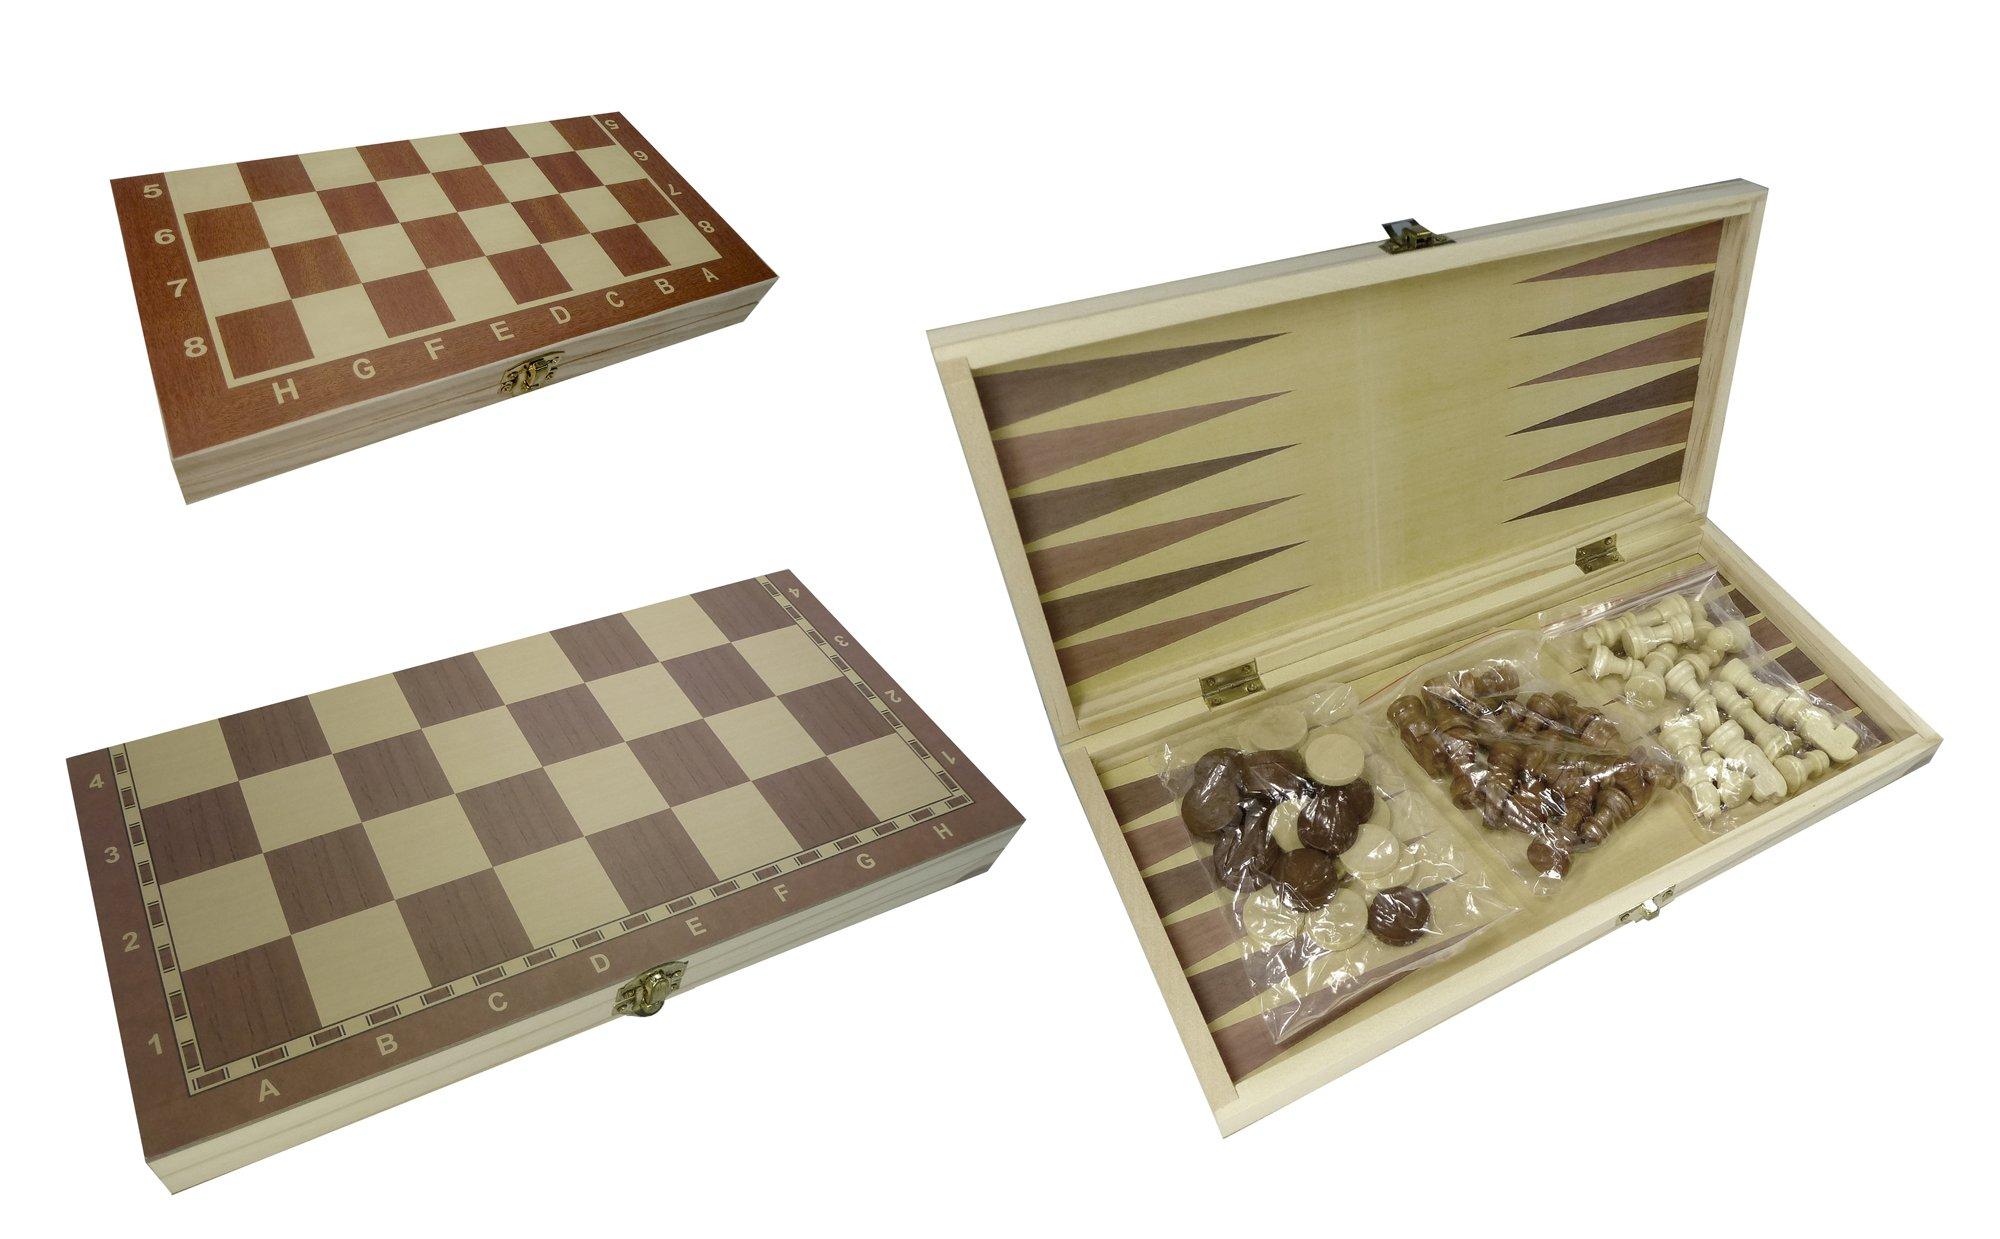 CT-Schach-Dame-Backgammon-Spielbrett-3-in-1-in-Klappbox-aus-Holz CT Schach Dame Backgammon Spielbrett 3 in 1 in Klappbox aus Holz (24 cm) -